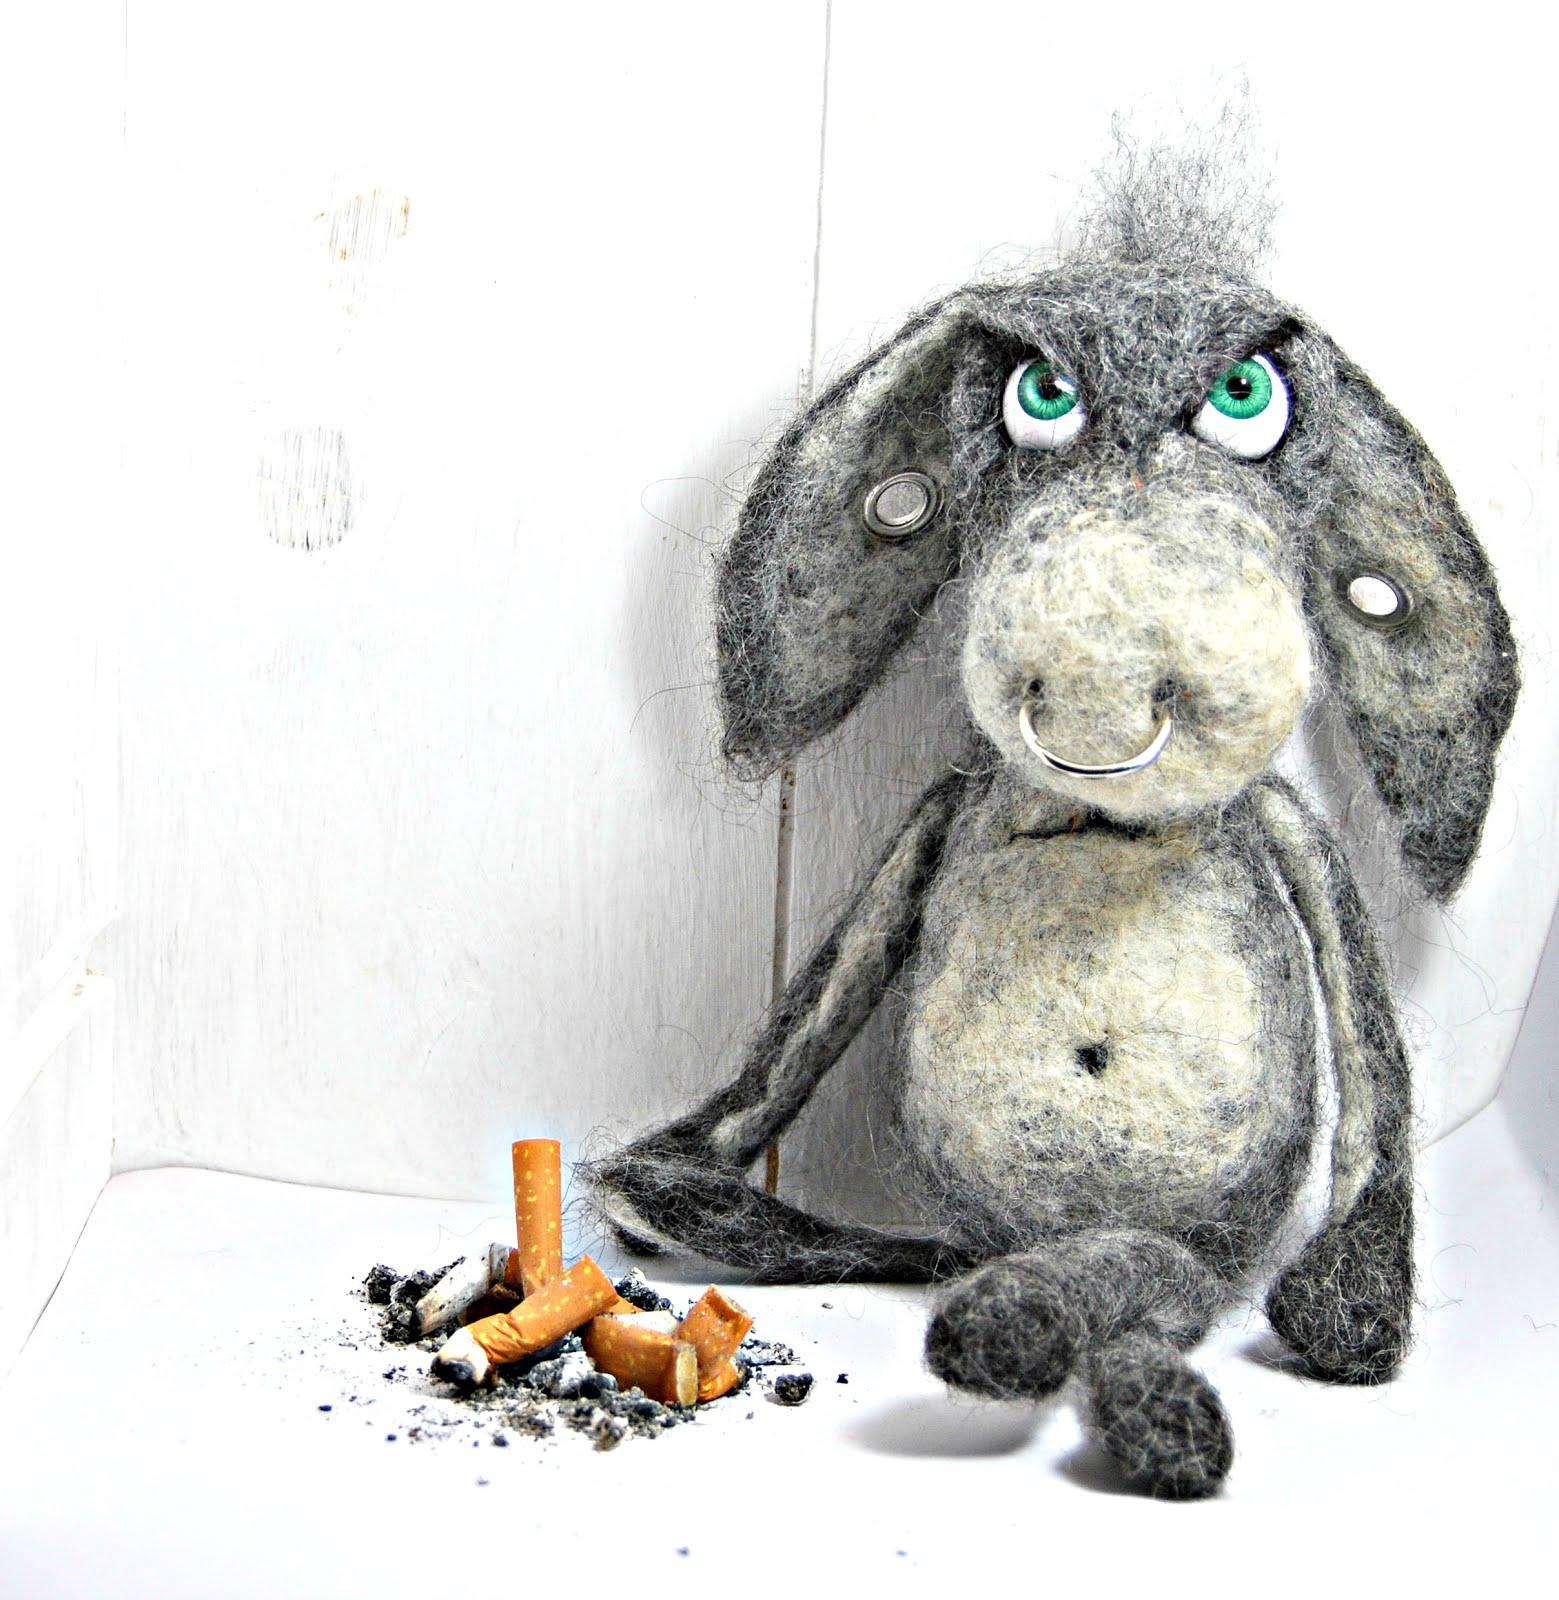 Nichtraucher für den Moment